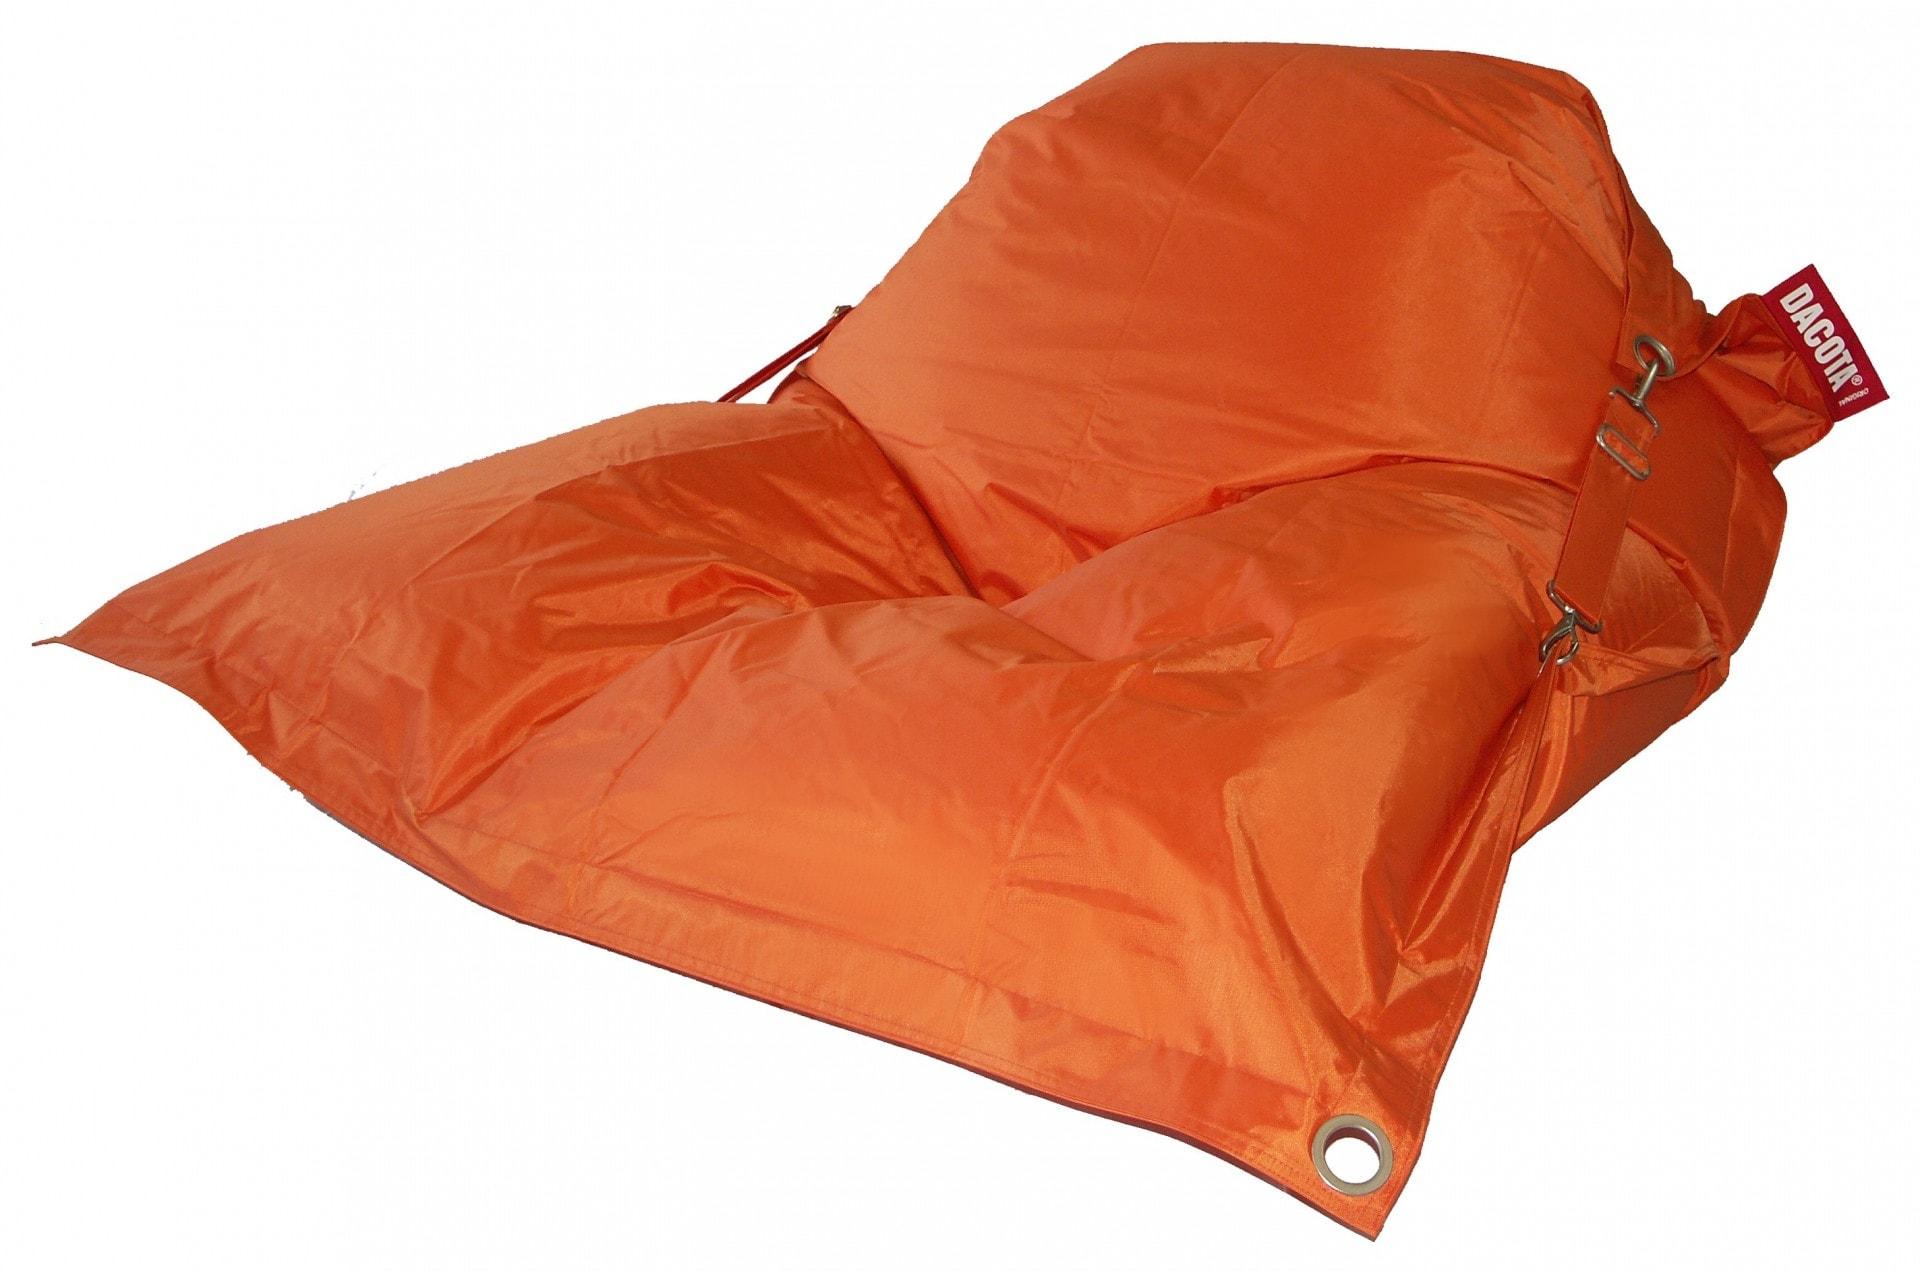 Sedací Vak Dacota Relax - oranžový